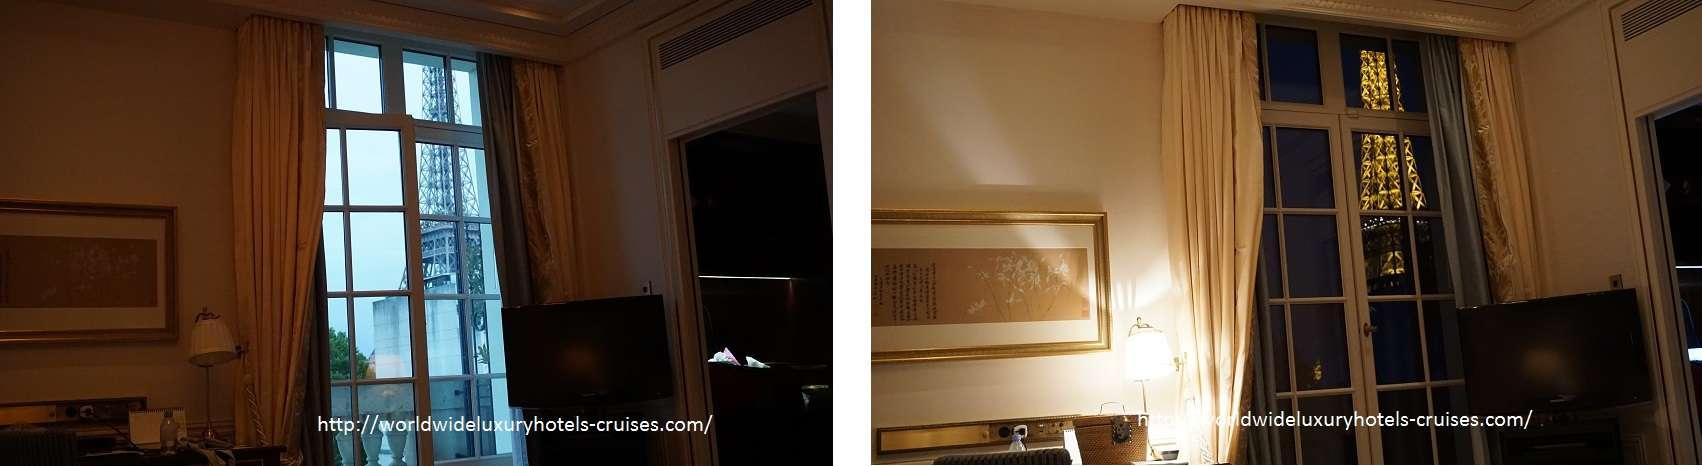 シャングリラホテルパリ シャングリラホテルパリテラスエッフェビュールーム パリ パラスホテリ フランス エッフェル塔 エッフェルタワー シャングリ・ラホテル ラグジュアリーホテル予約 エッフェルタワービュー シャングリラホテルパリブログ シャングリラホテルパリ滞在記